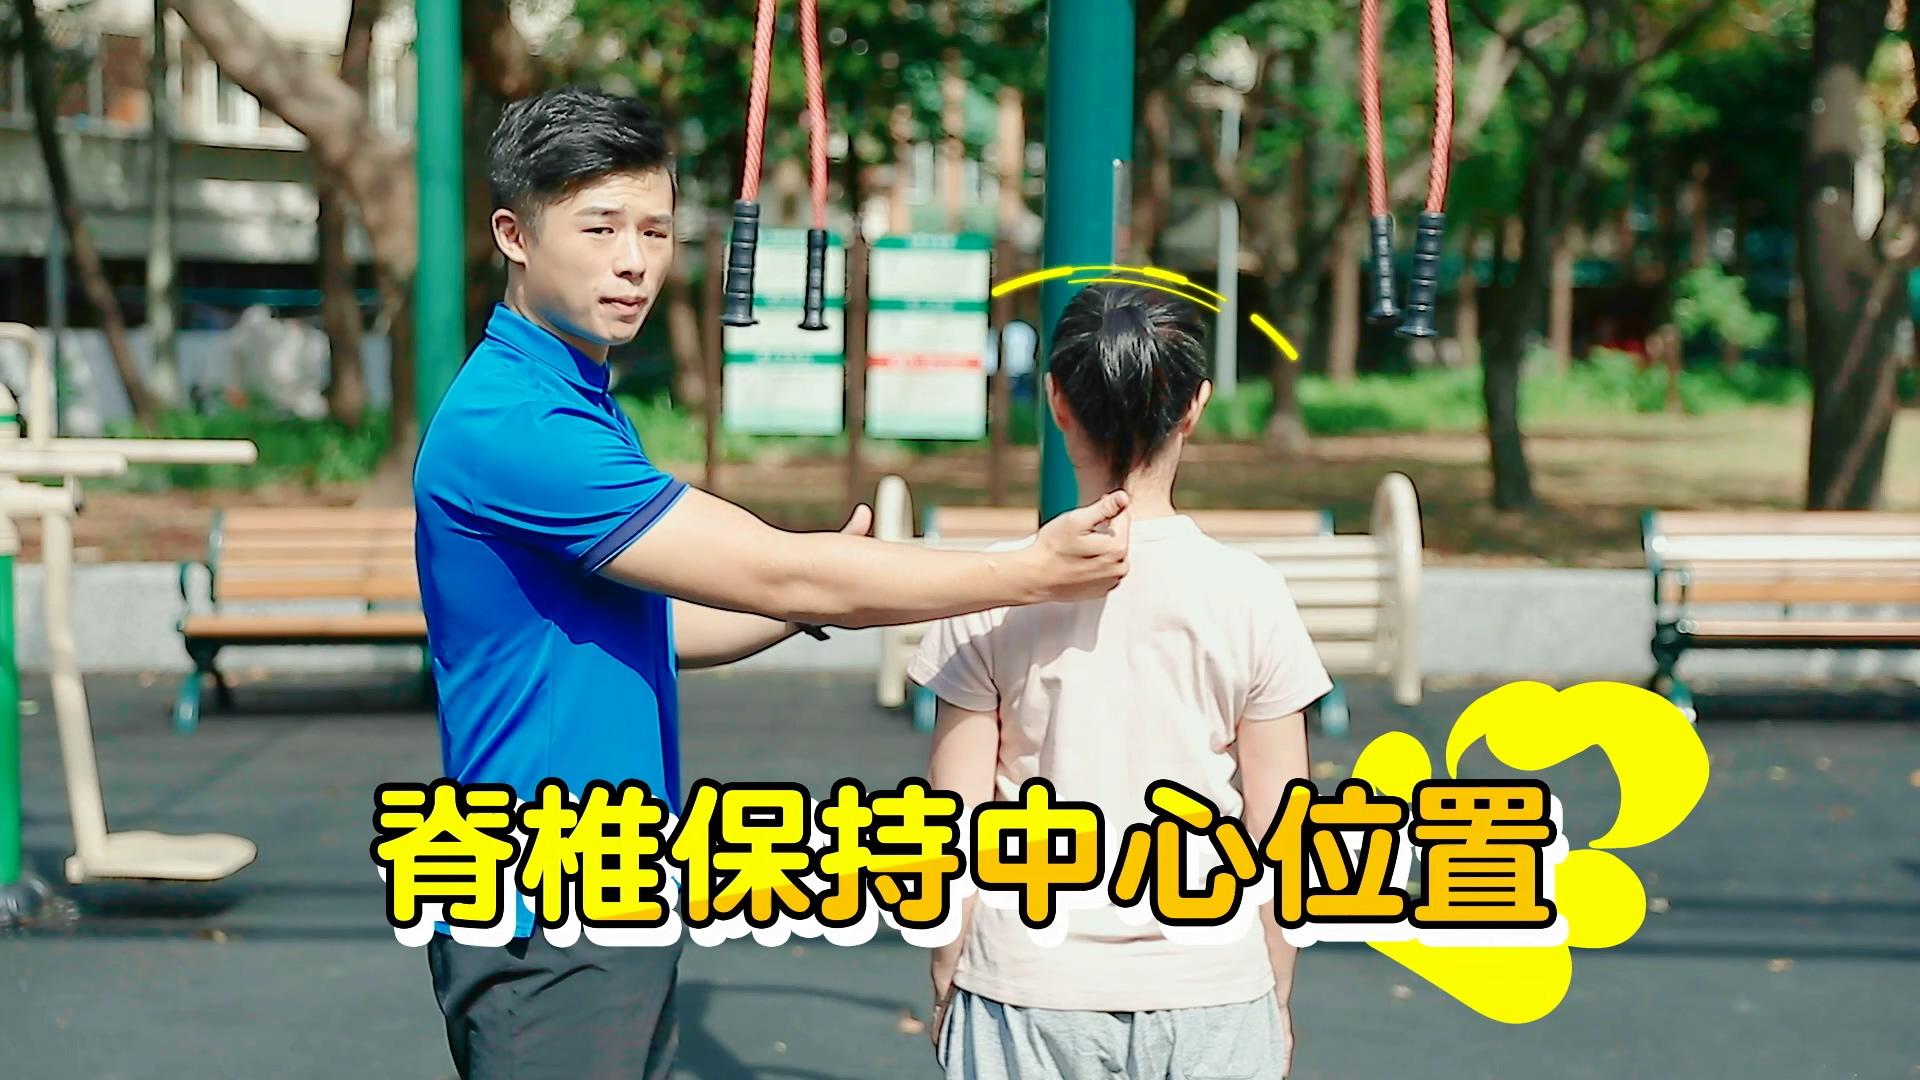 公園體健設施影片_上肢牽引器篇